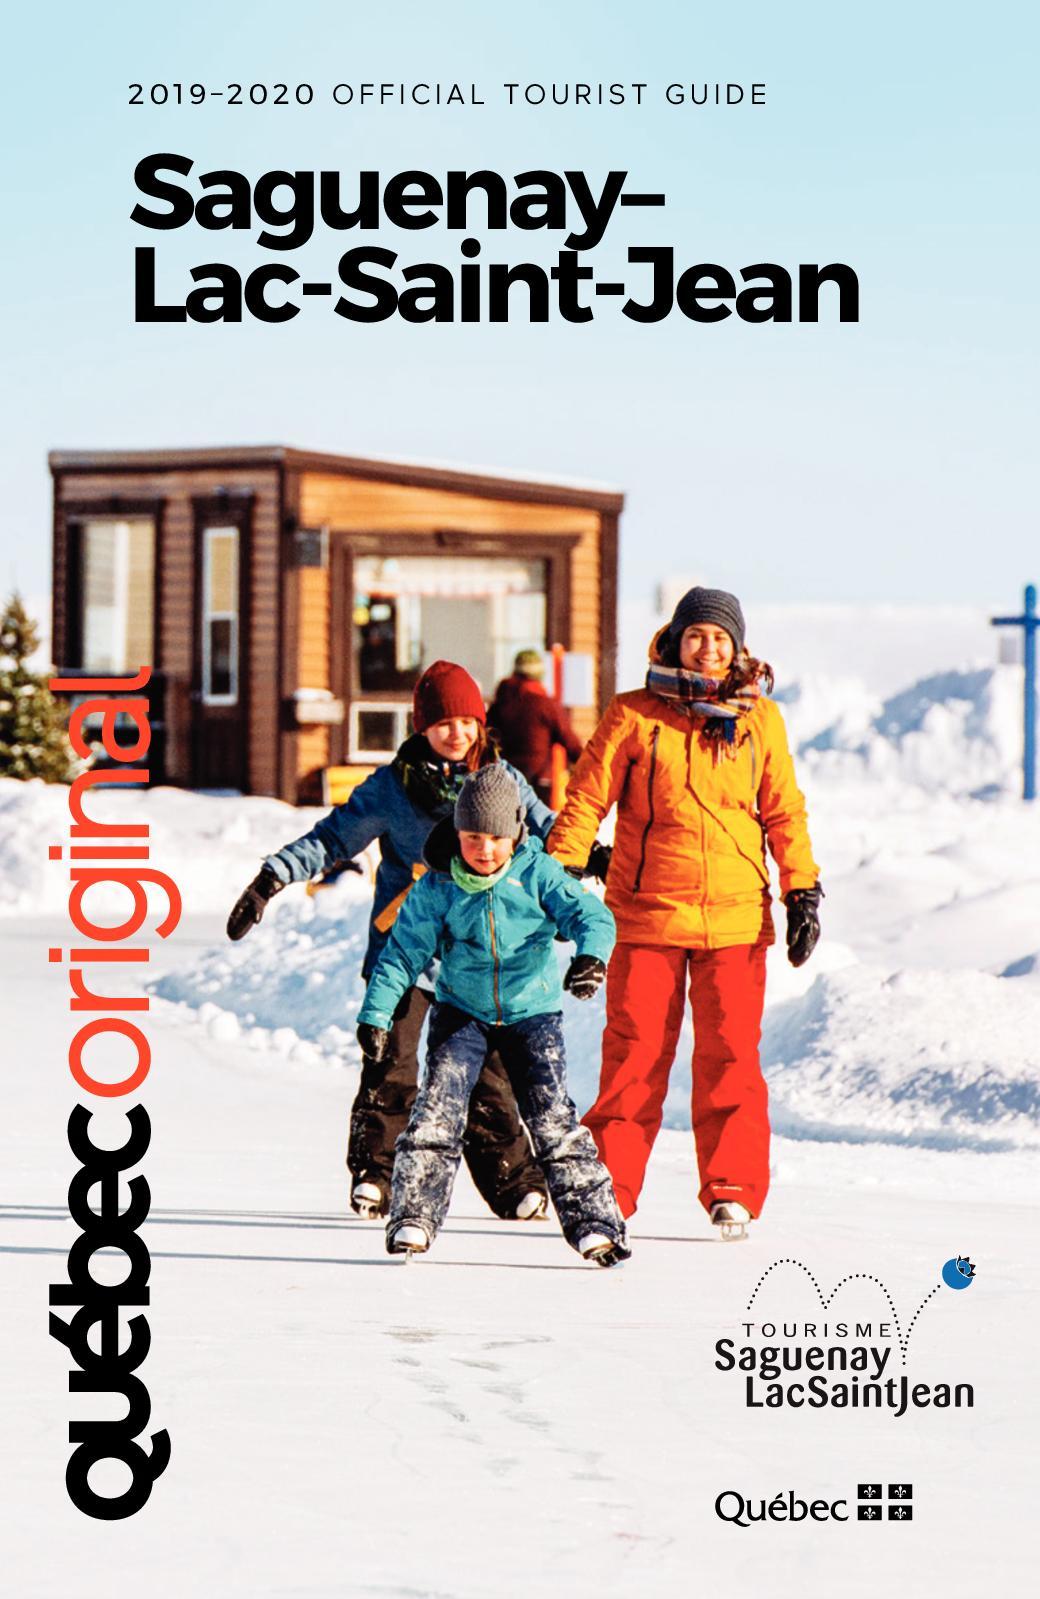 Table De Jardin Avec Trou Central Élégant Calaméo Saguenay Lac Sant Jean Gto 2019 20 En Of 32 Frais Table De Jardin Avec Trou Central